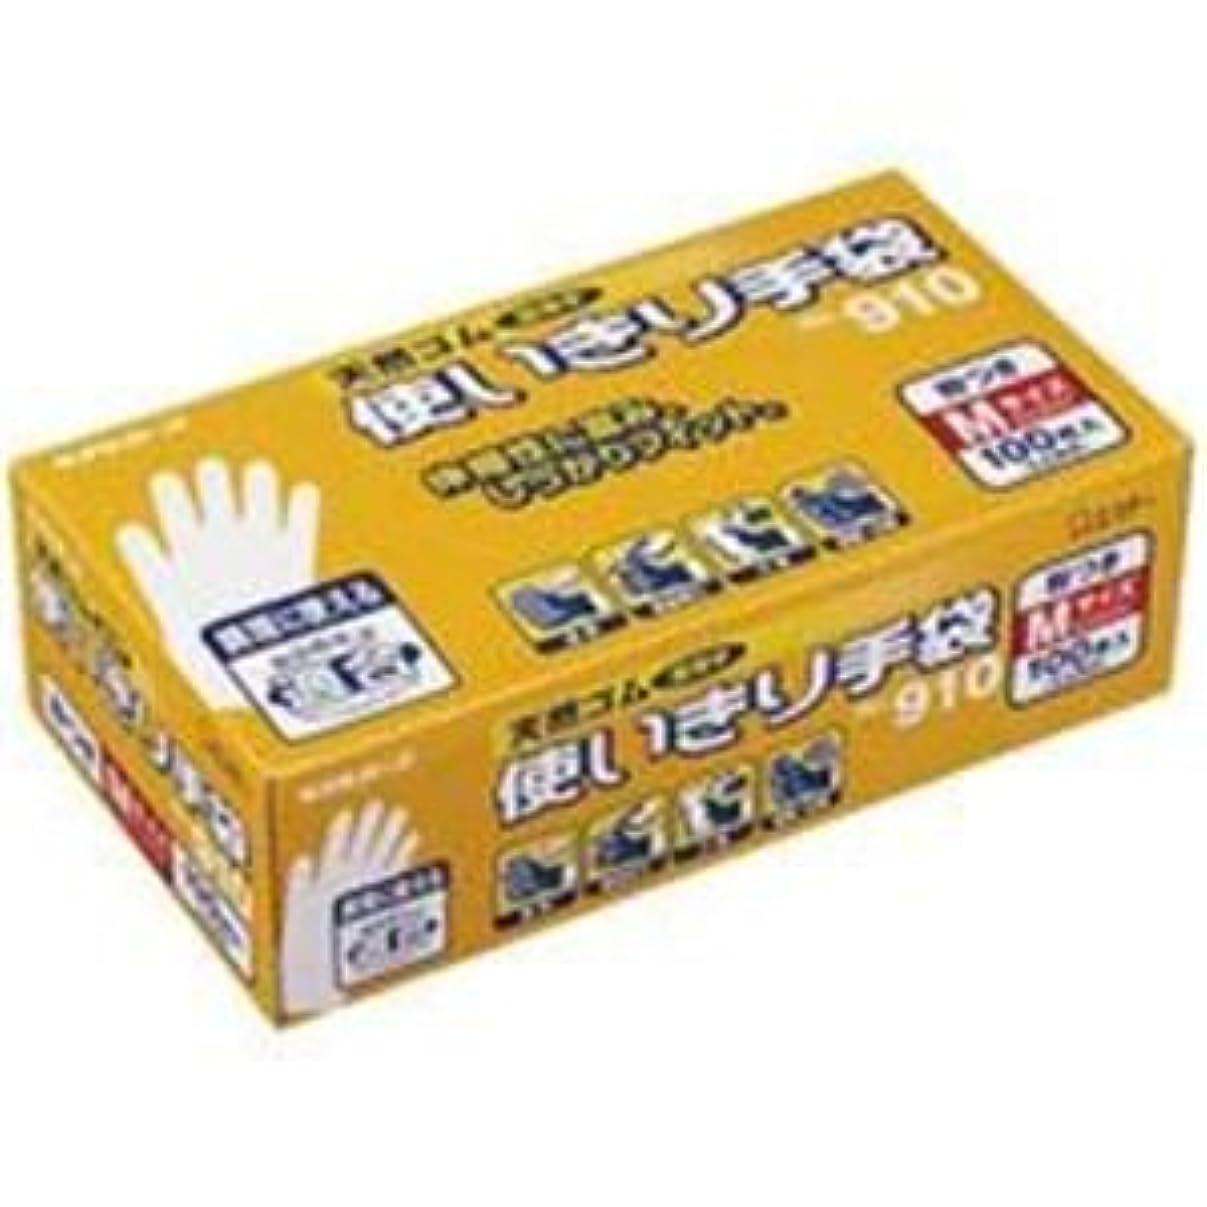 知っているに立ち寄るコンバーチブルシガレットエステー 天然ゴム使い切り手袋/作業用手袋 [No.910/L 12箱]